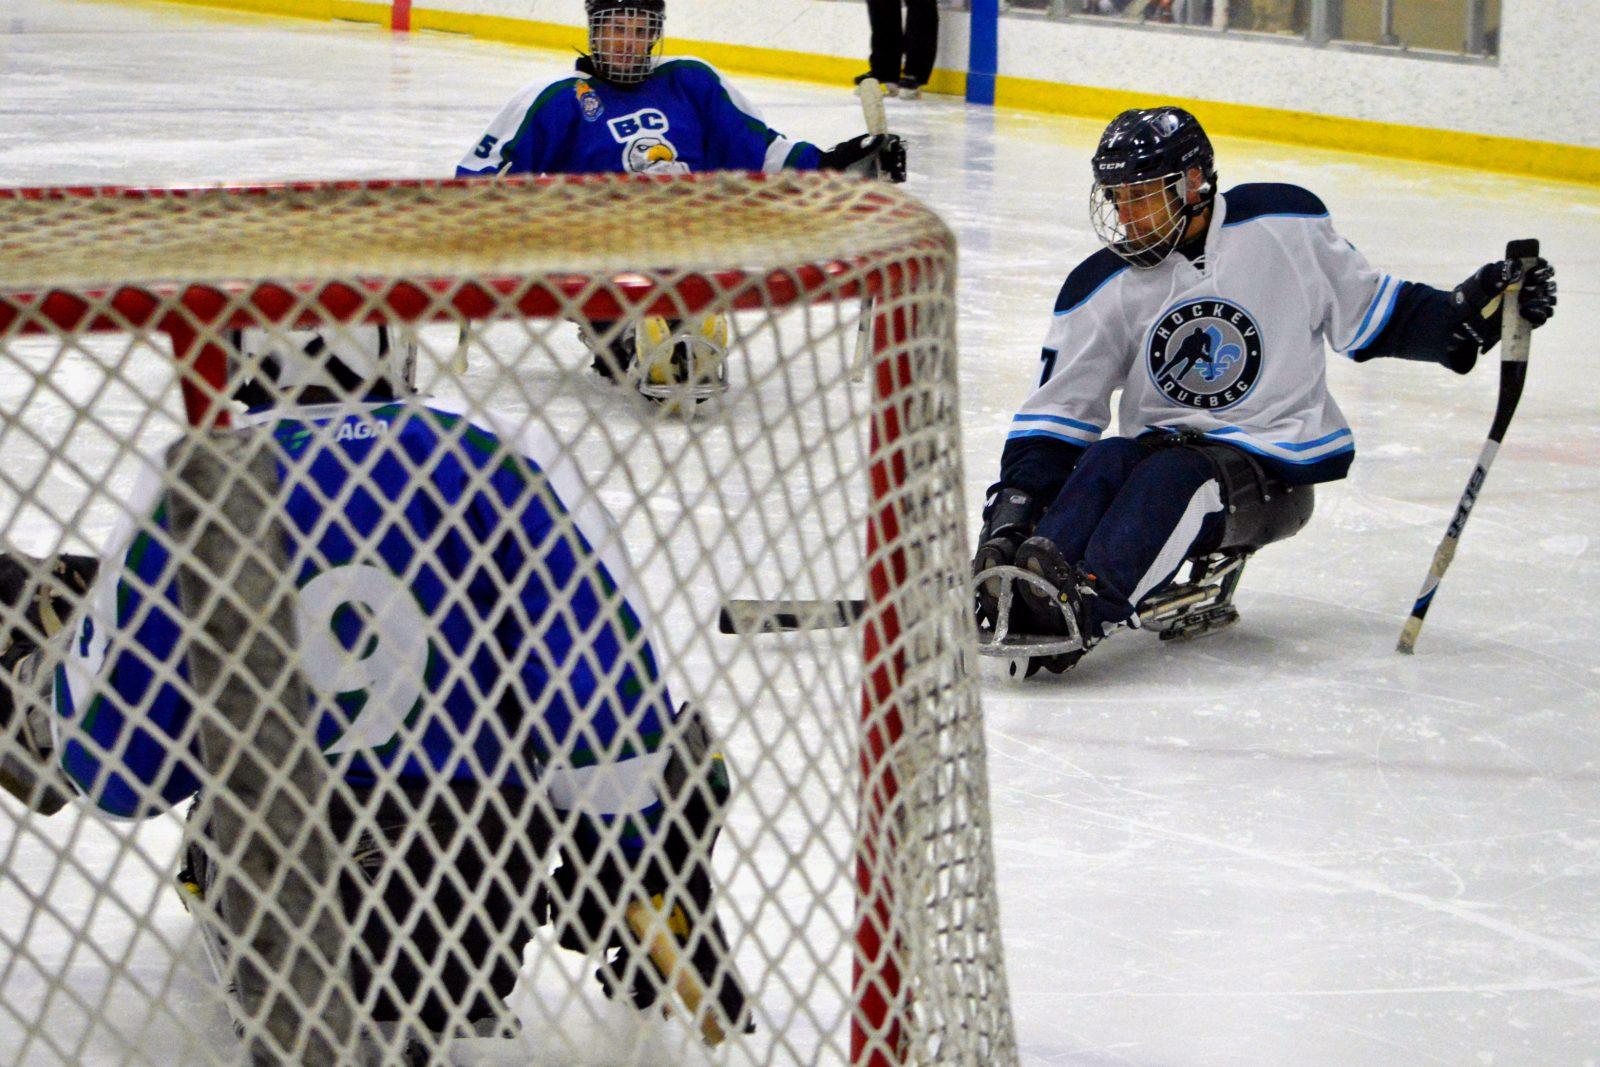 Championnat canadien de hockey sur luge à Boucherville du 12 au 14 mai